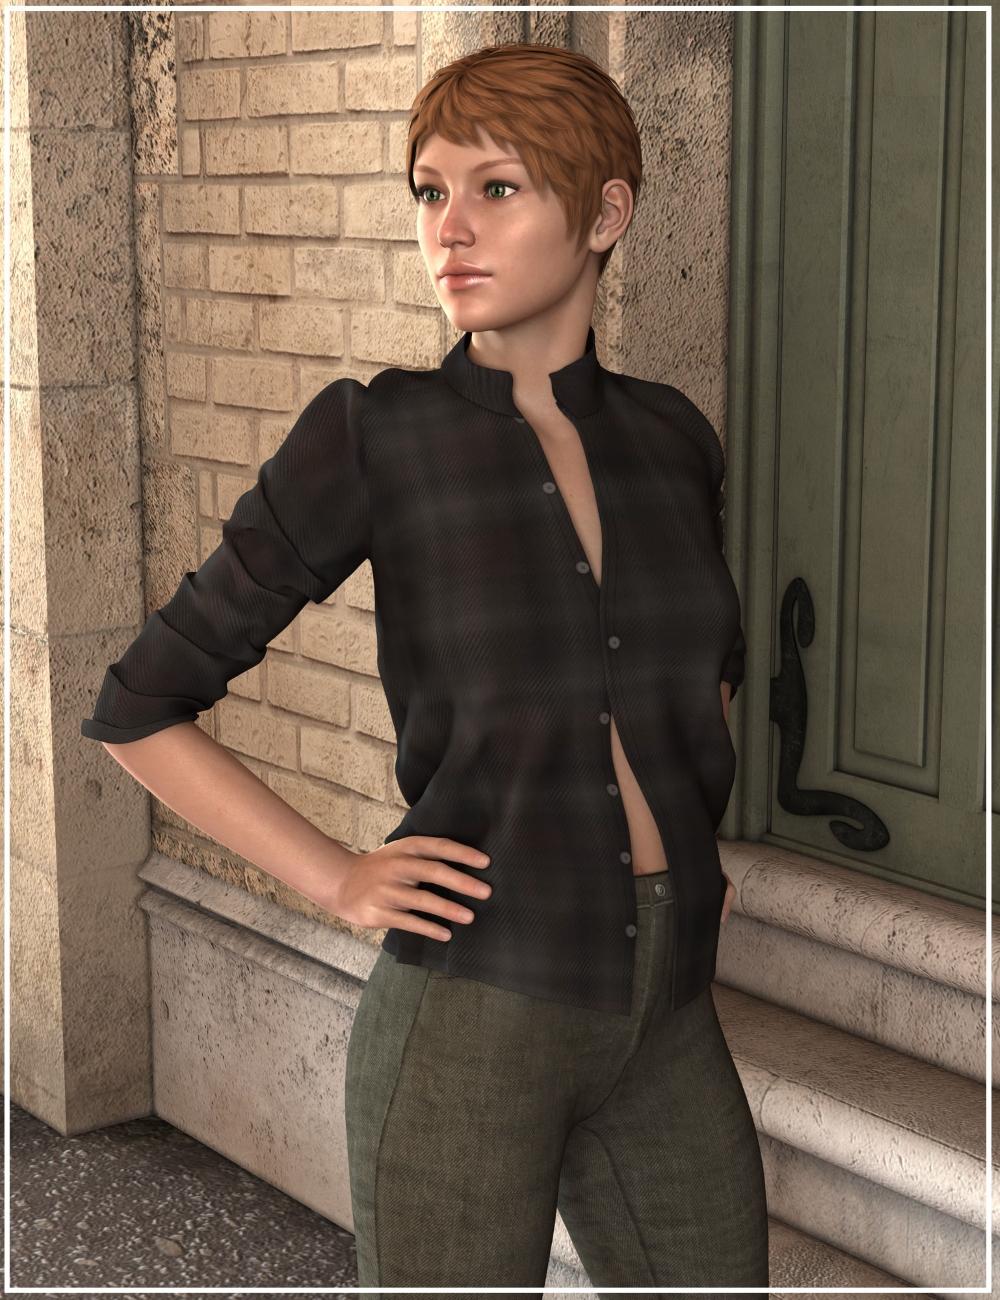 Casual Streetwear for Genesis 2 Female(s) by: Oskarsson, 3D Models by Daz 3D